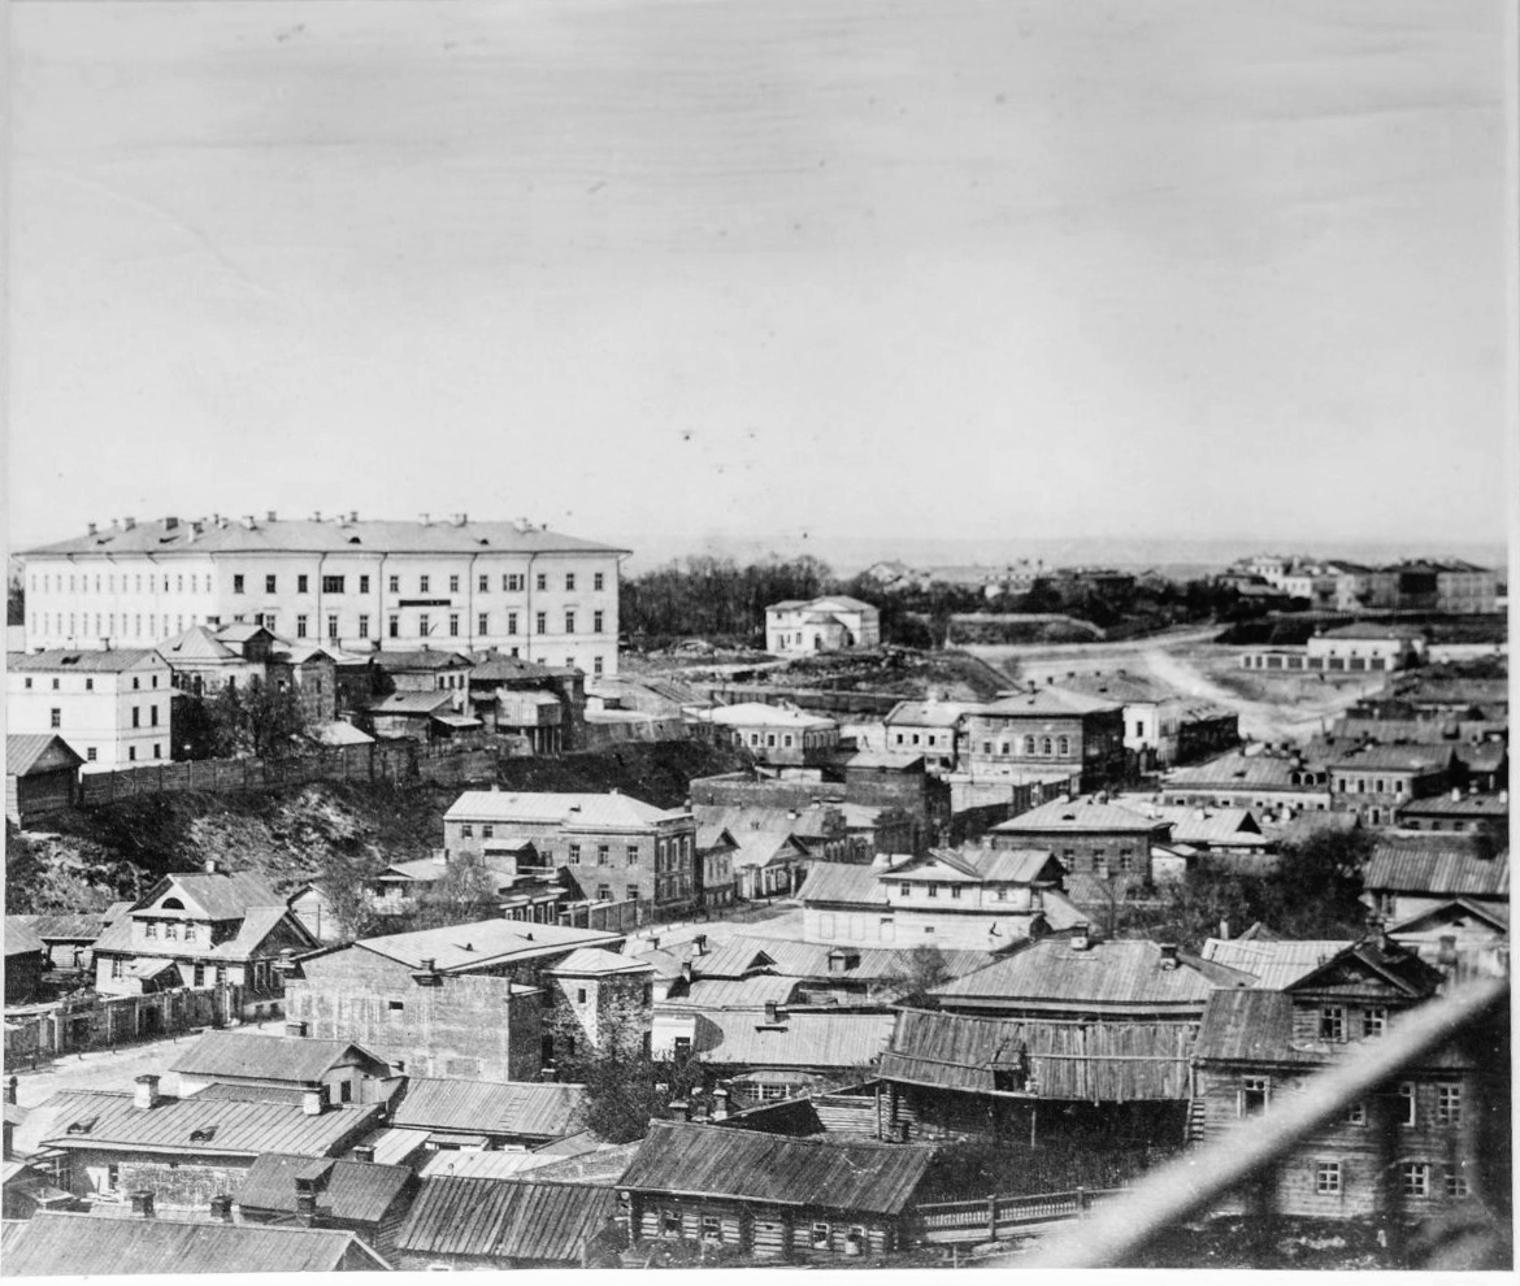 1870. Вид на Университетскую клинику, ул. Рыбнорядскую, район Марусовки с каланчи 4-й полицейской части